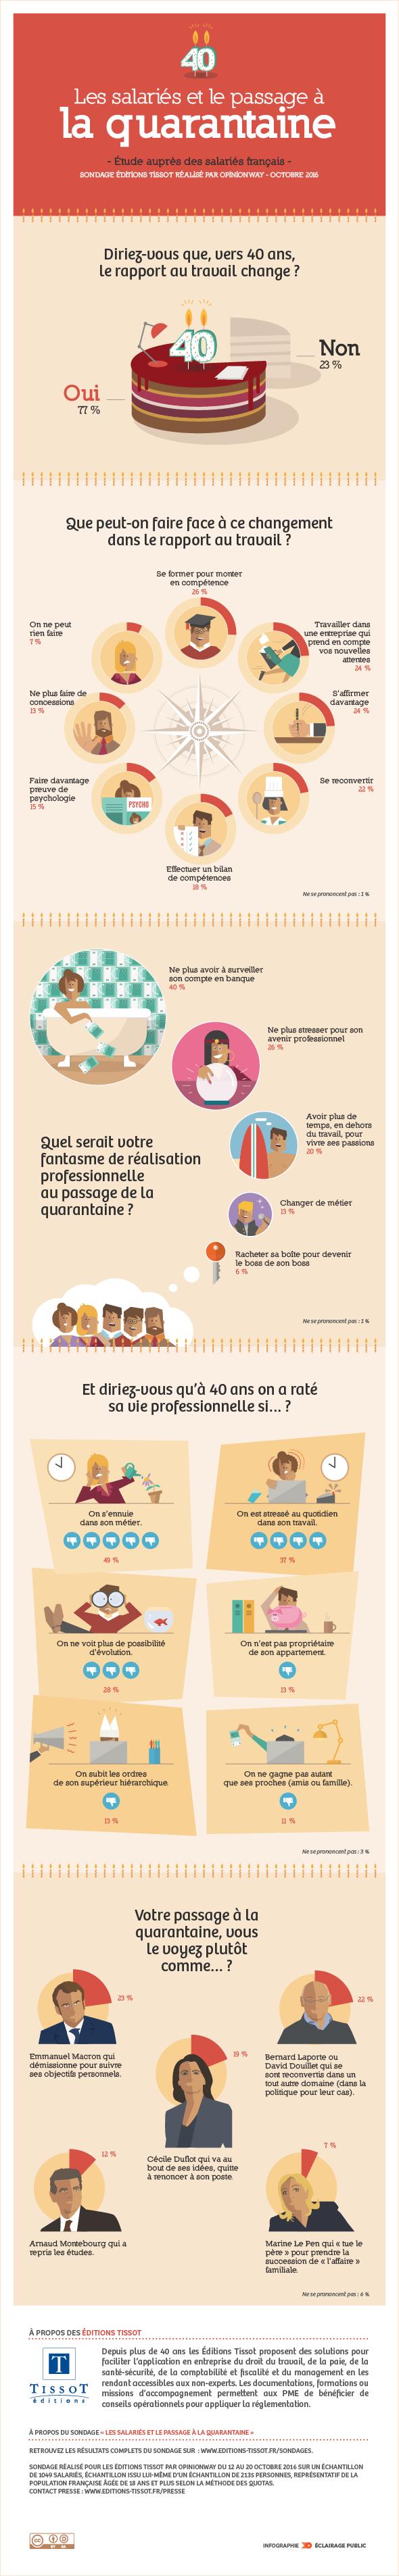 Infographie Crise quarantaine